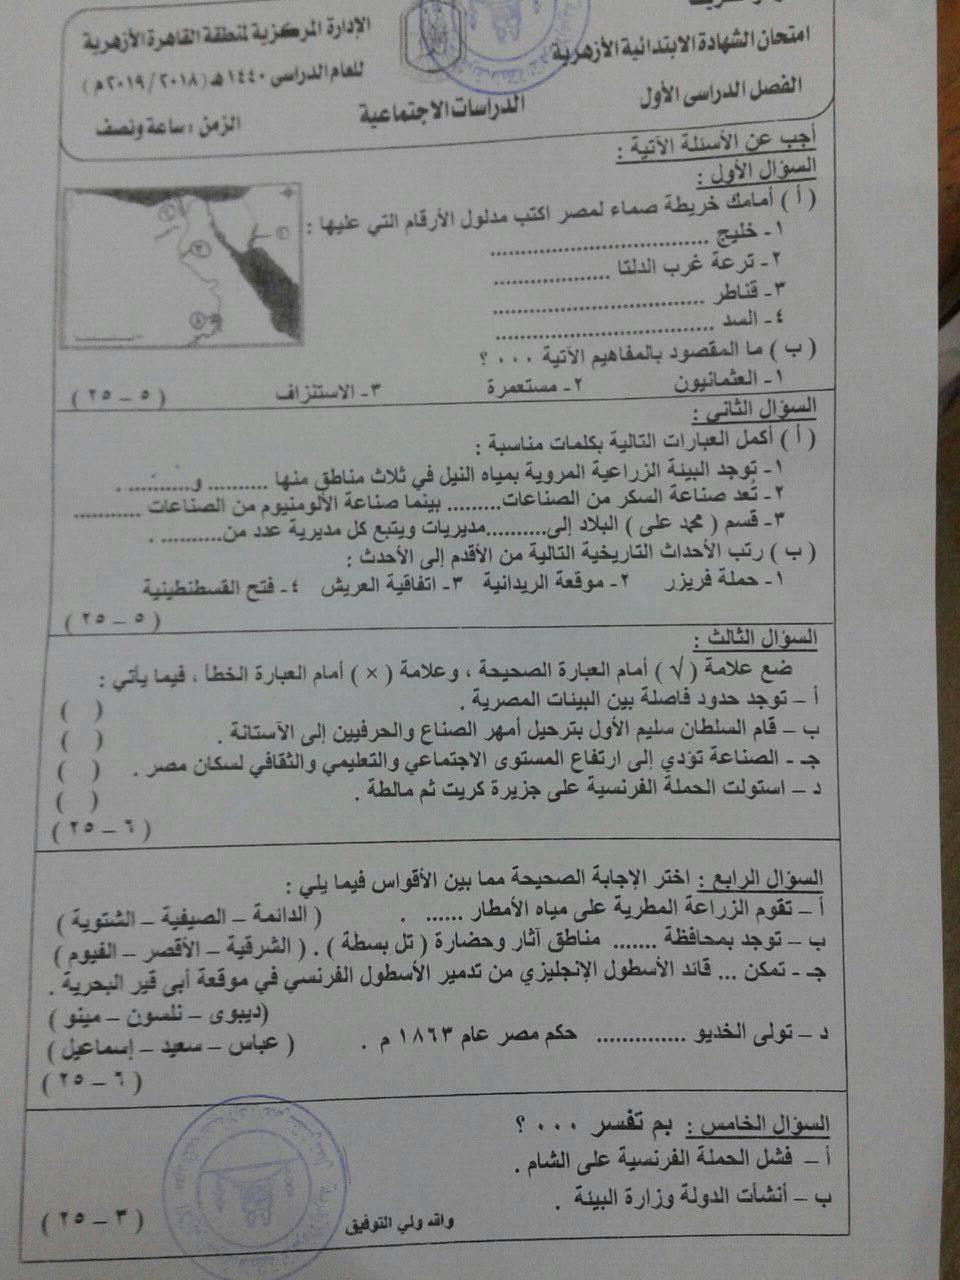 امتحان الدراسات الاجتماعية للصف السادس الابتدائي ترم أول 2019 منطقة القاهرة 3547